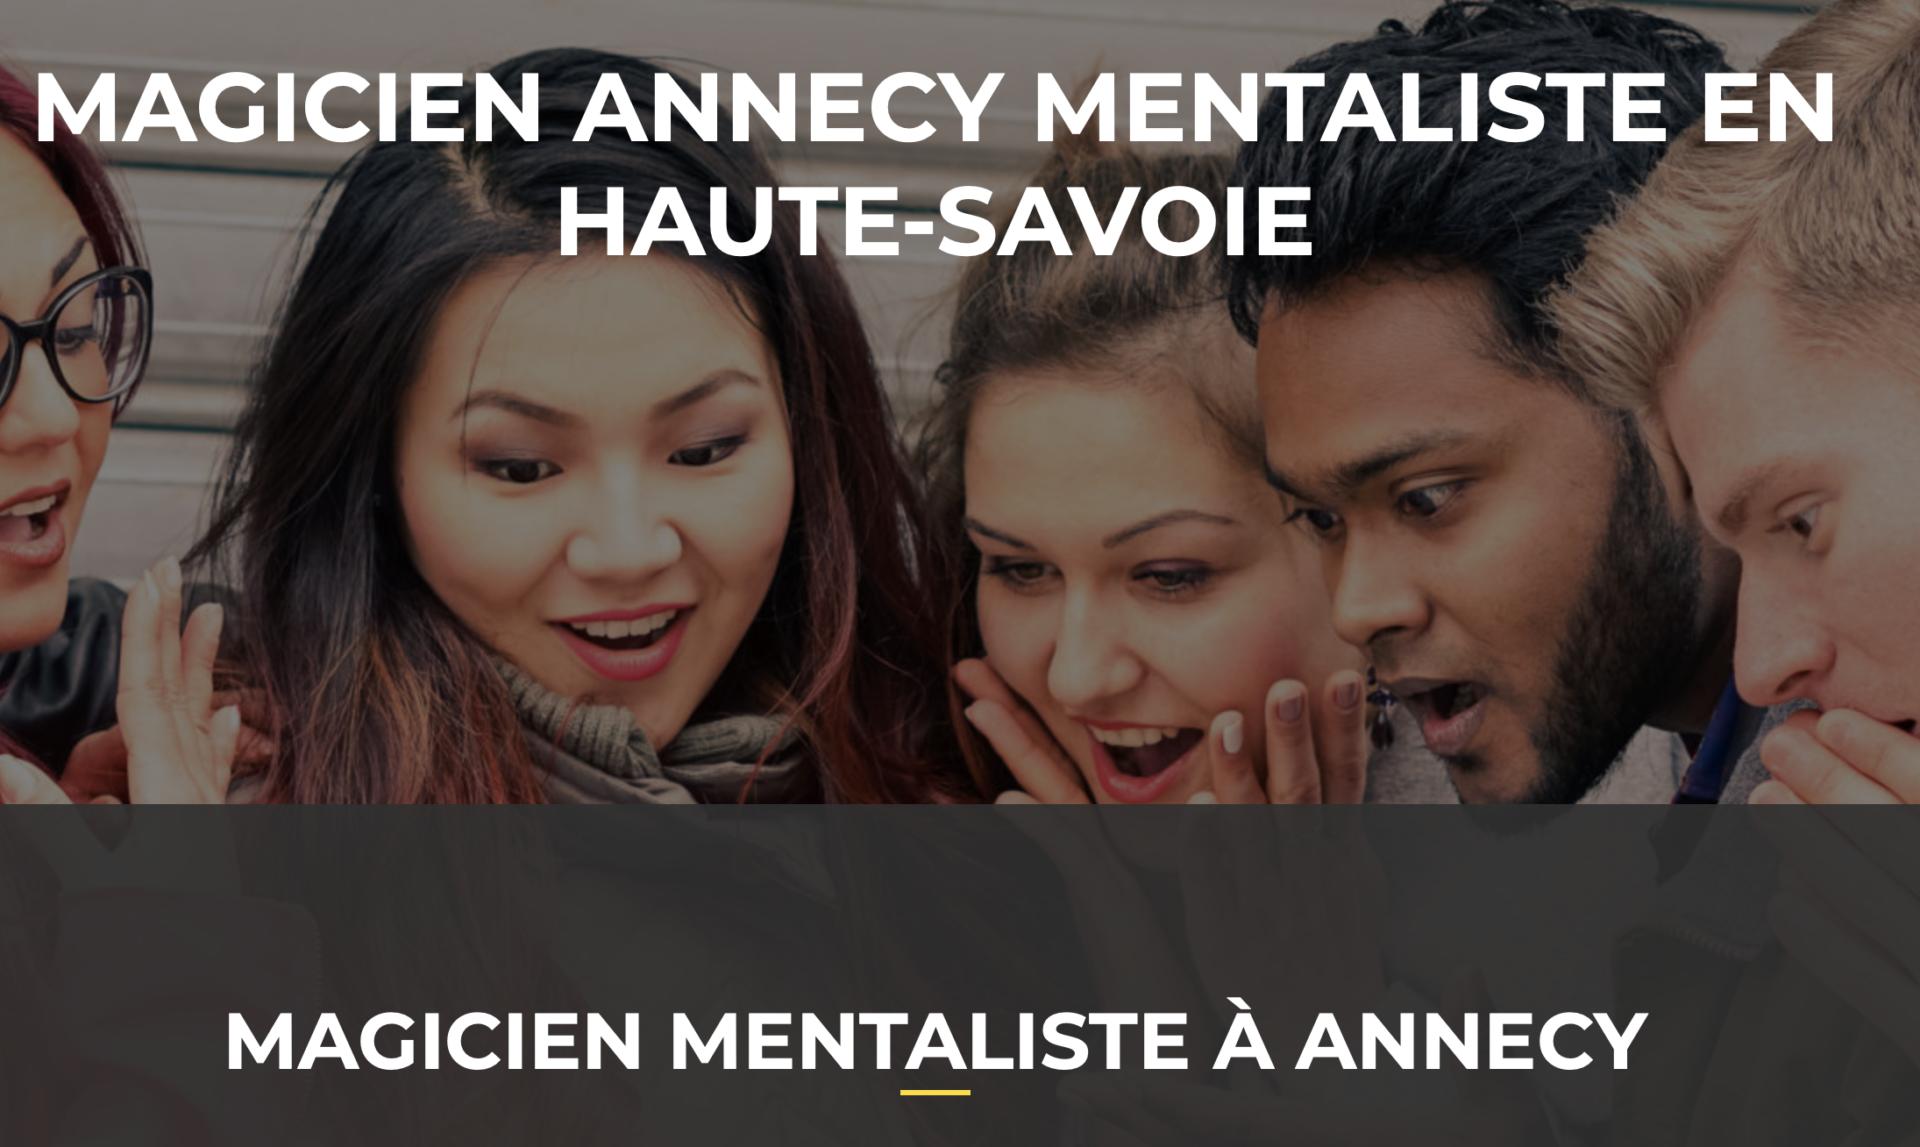 Magicien mentaliste à Annecy